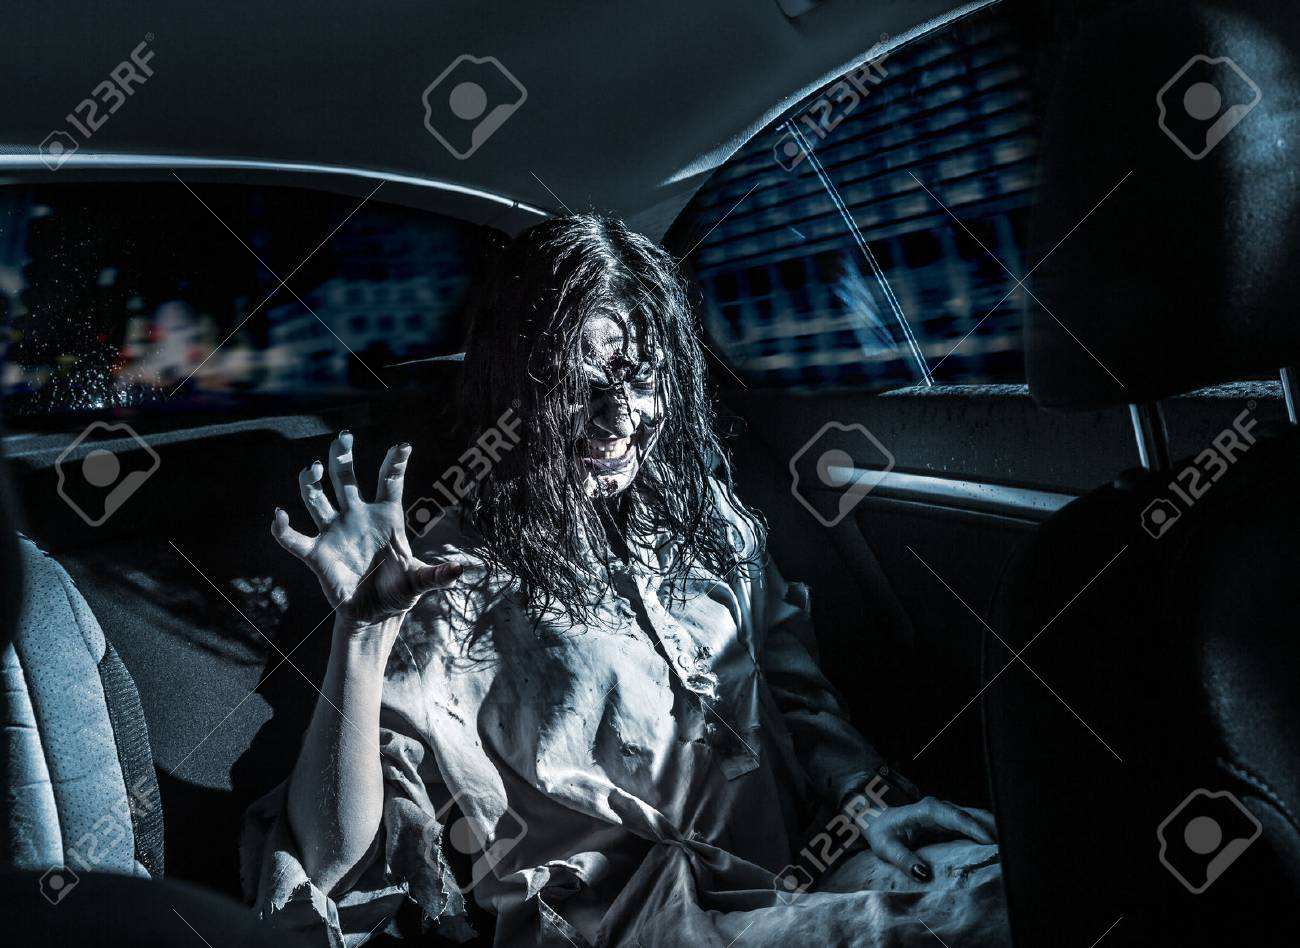 banque dimages la femme zombie dhorreur avec le visage sanglant dans la voiture la ville de nuit en arrire plan effrayant halloween - Zombie Voiture